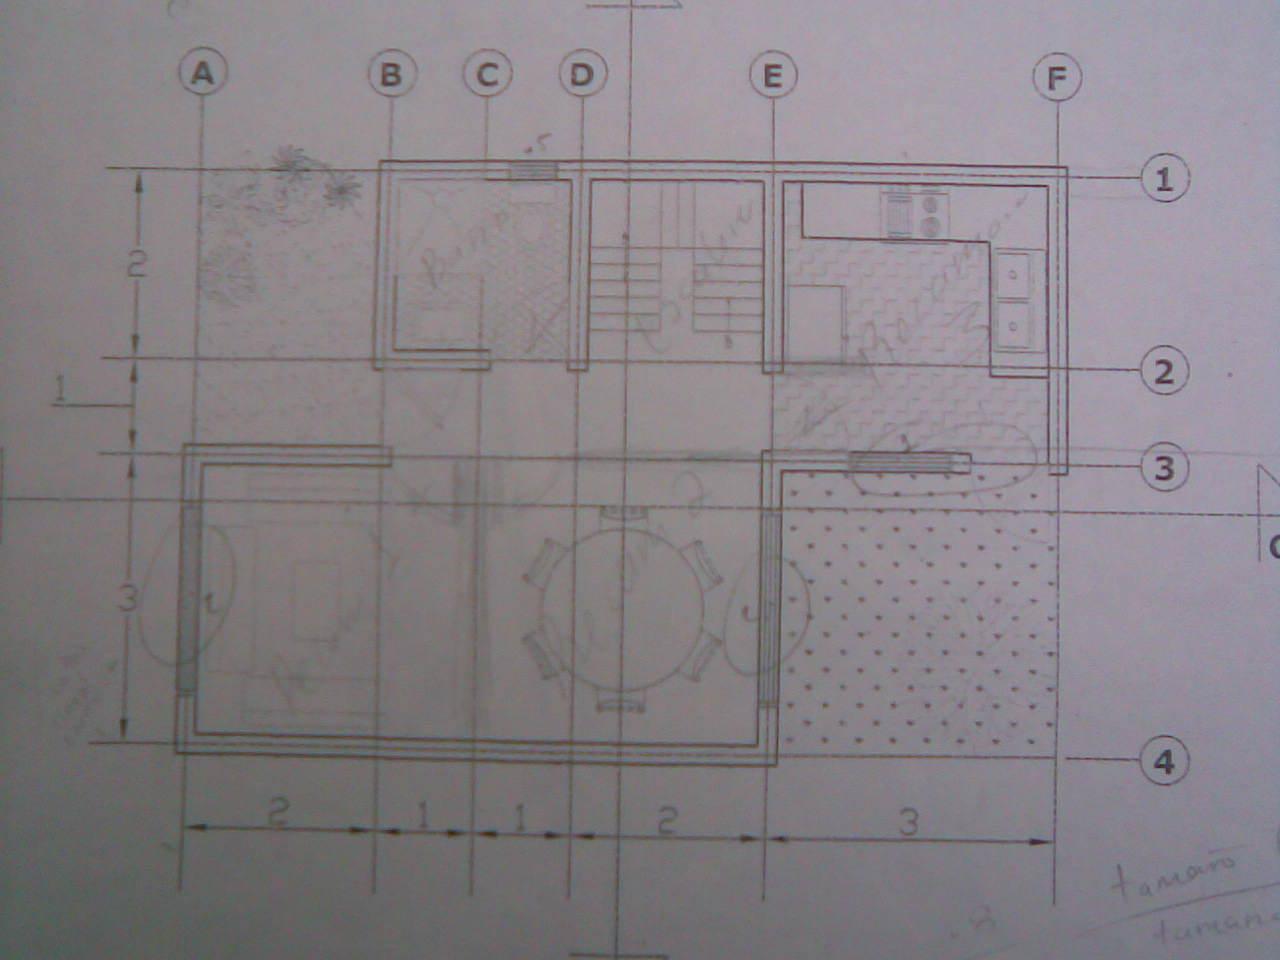 Escuela de computaci n de m xico ac plantel atlacomulco - Hacer plano de mi casa ...